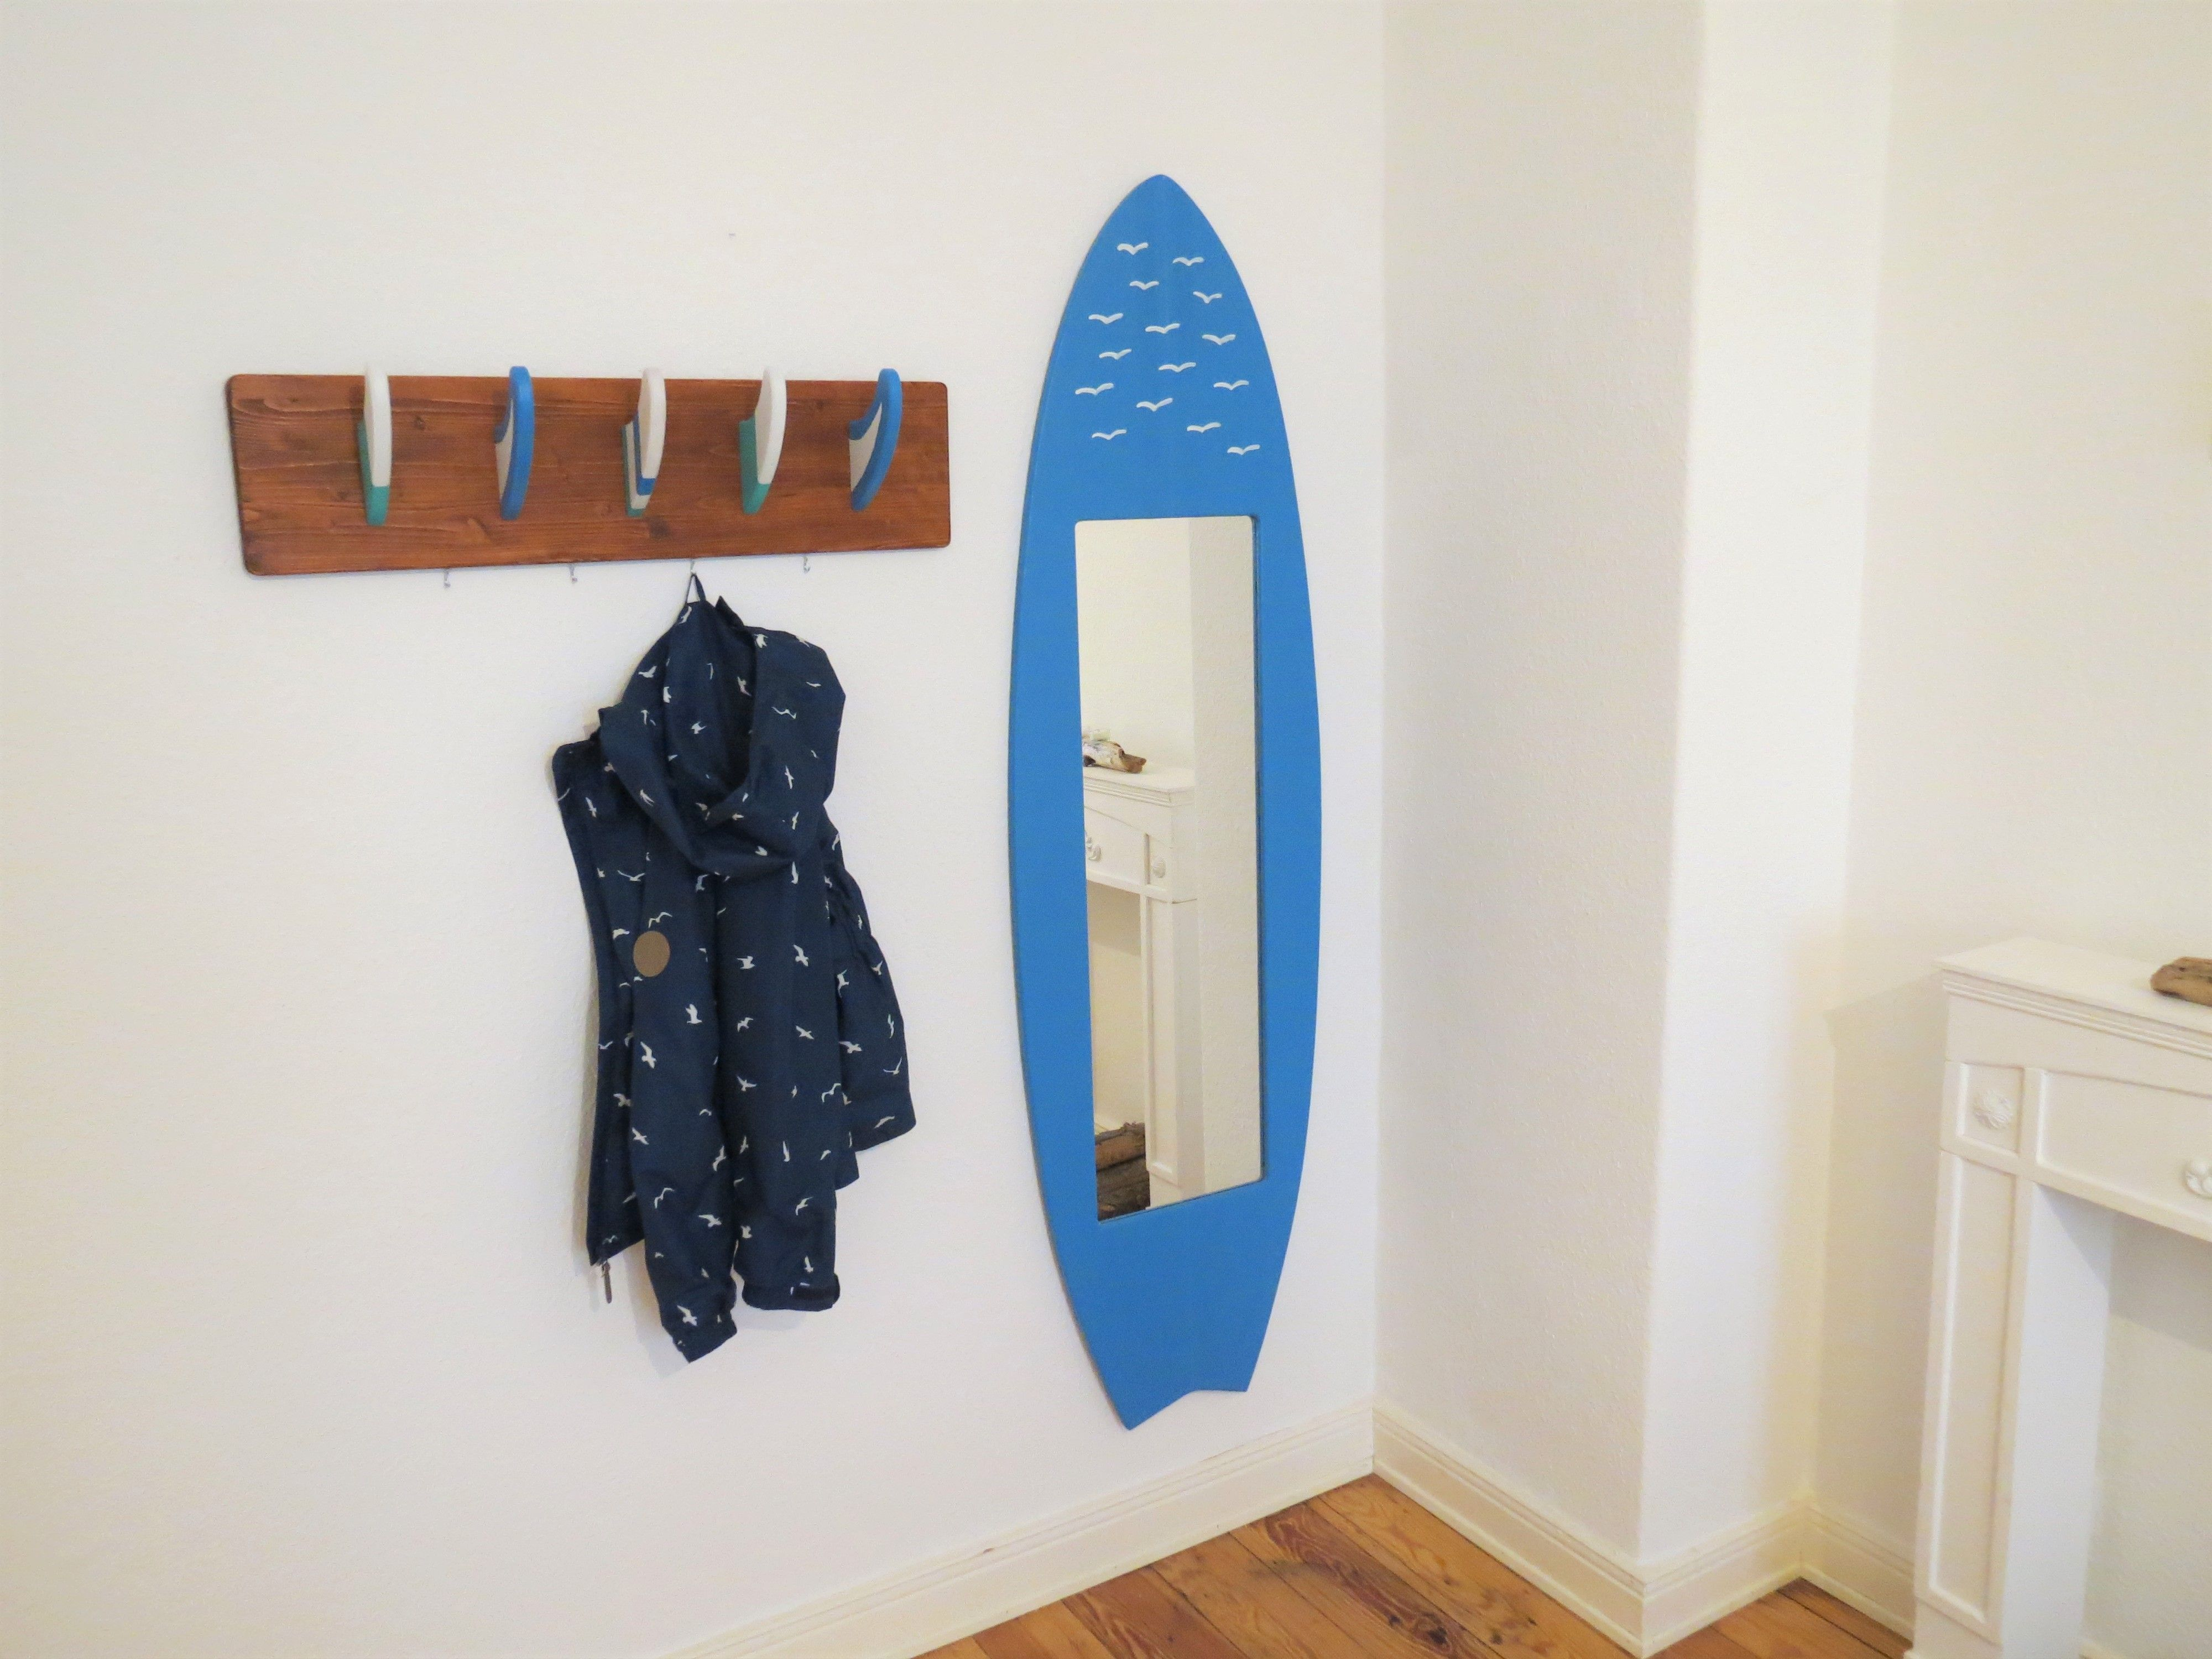 surfbrett surfboard spiegel + surf finnen garderobe: surf möbel, Wohnzimmer dekoo